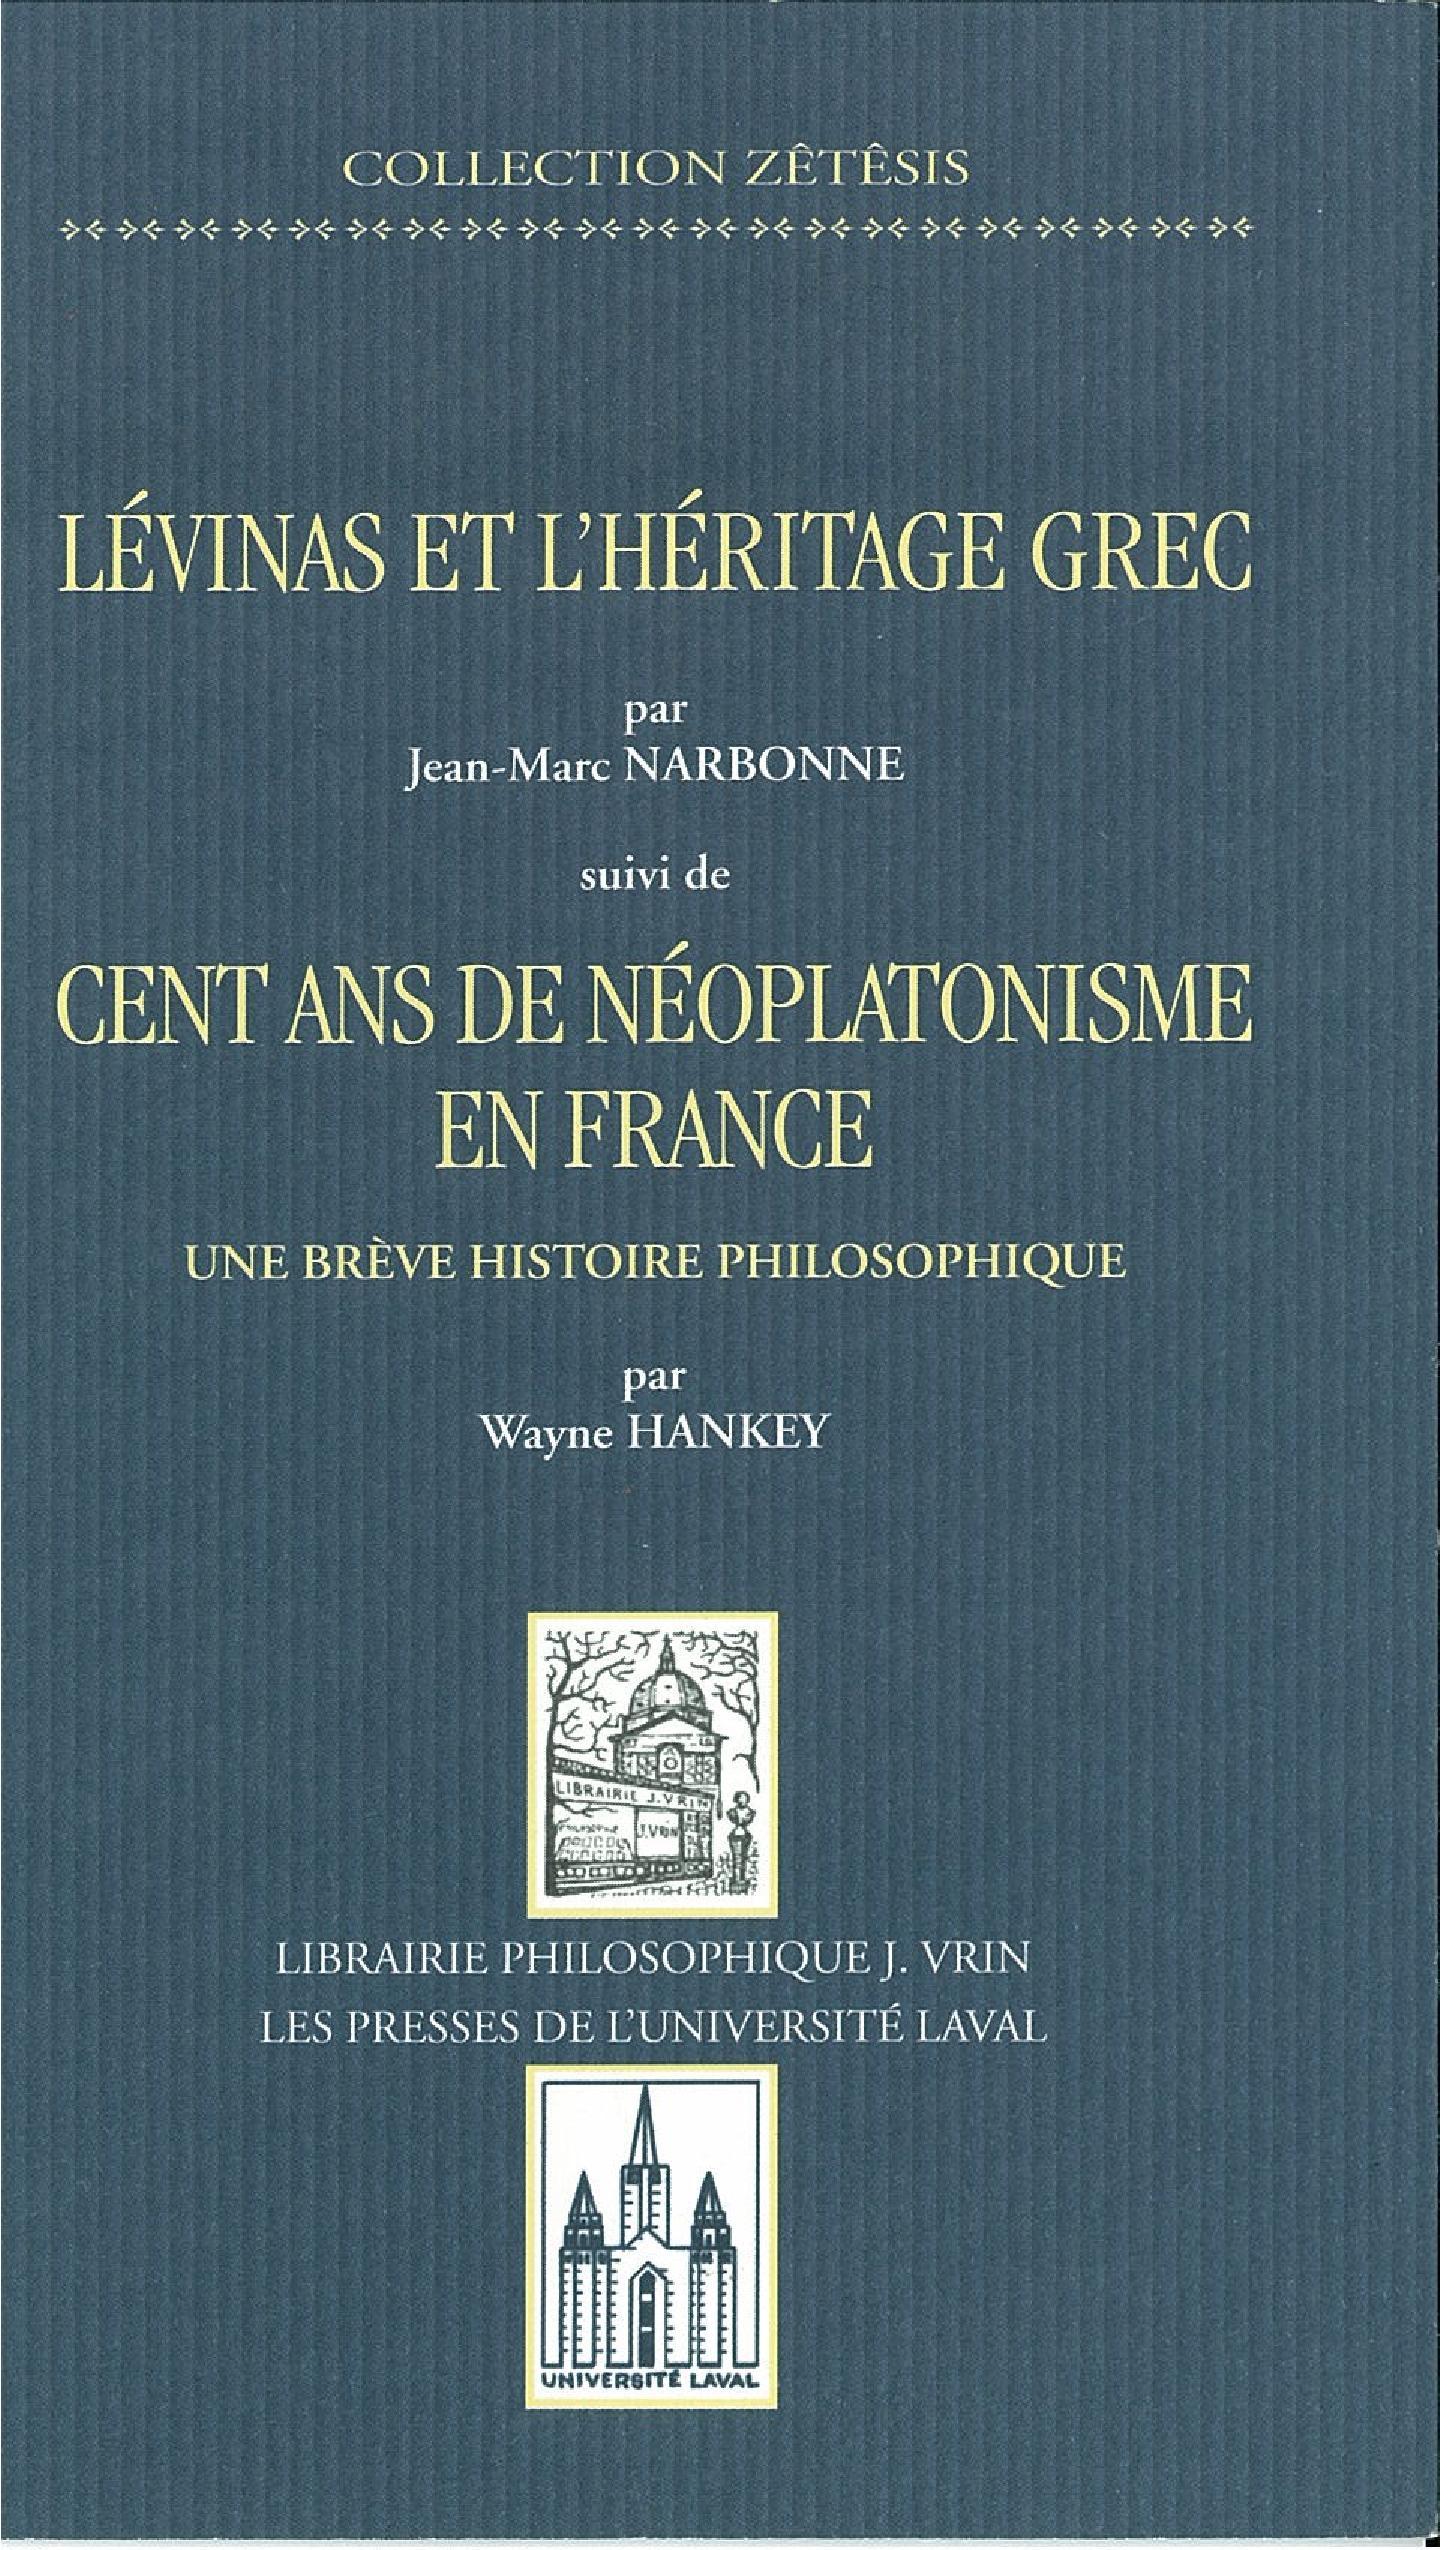 Lévinas et héritage grec, suivi de cent ans